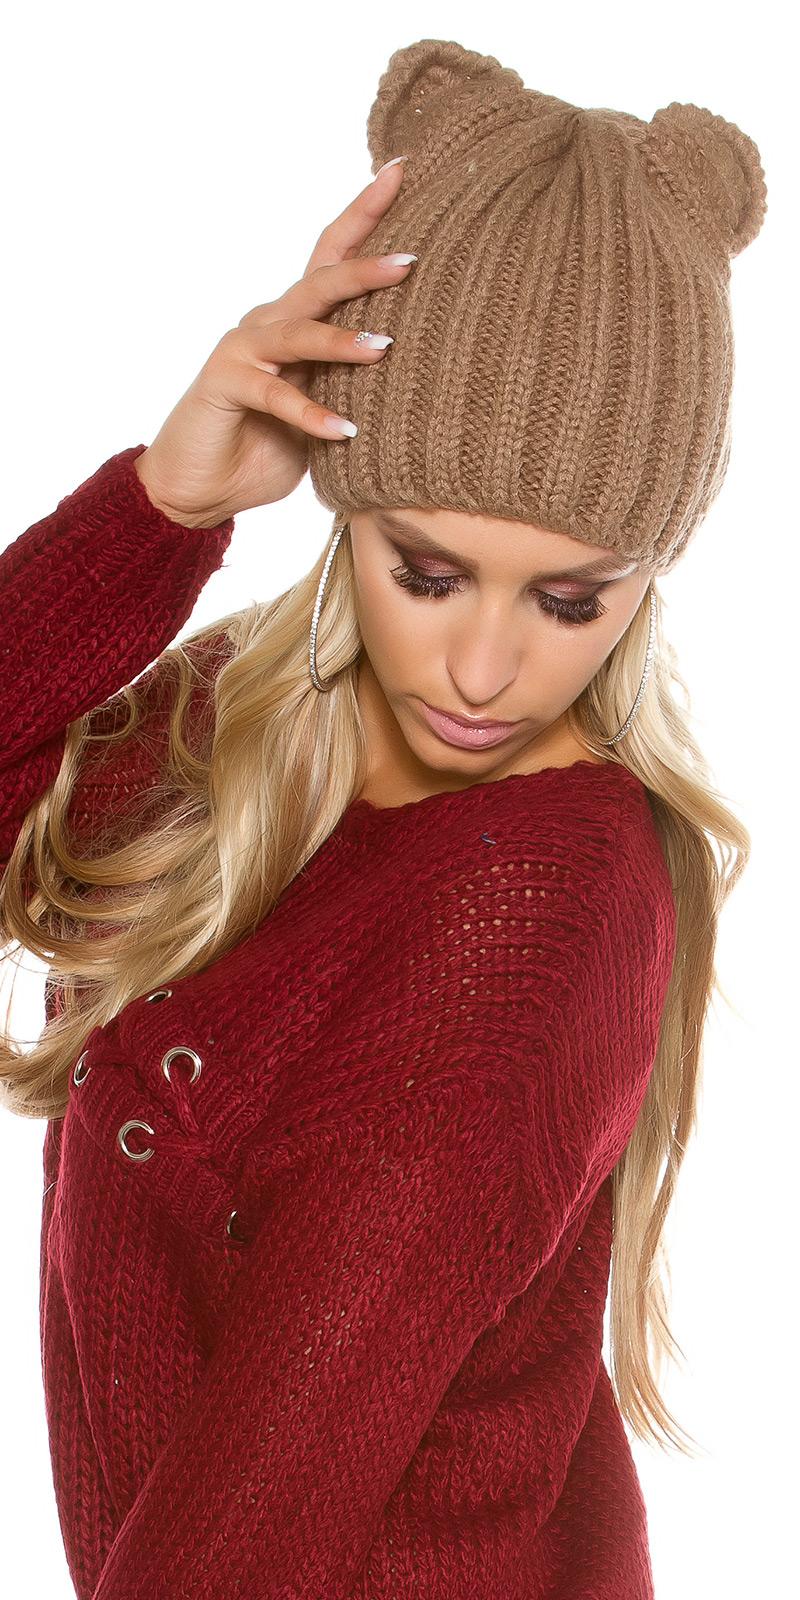 la moda tricotted cap cu urechi